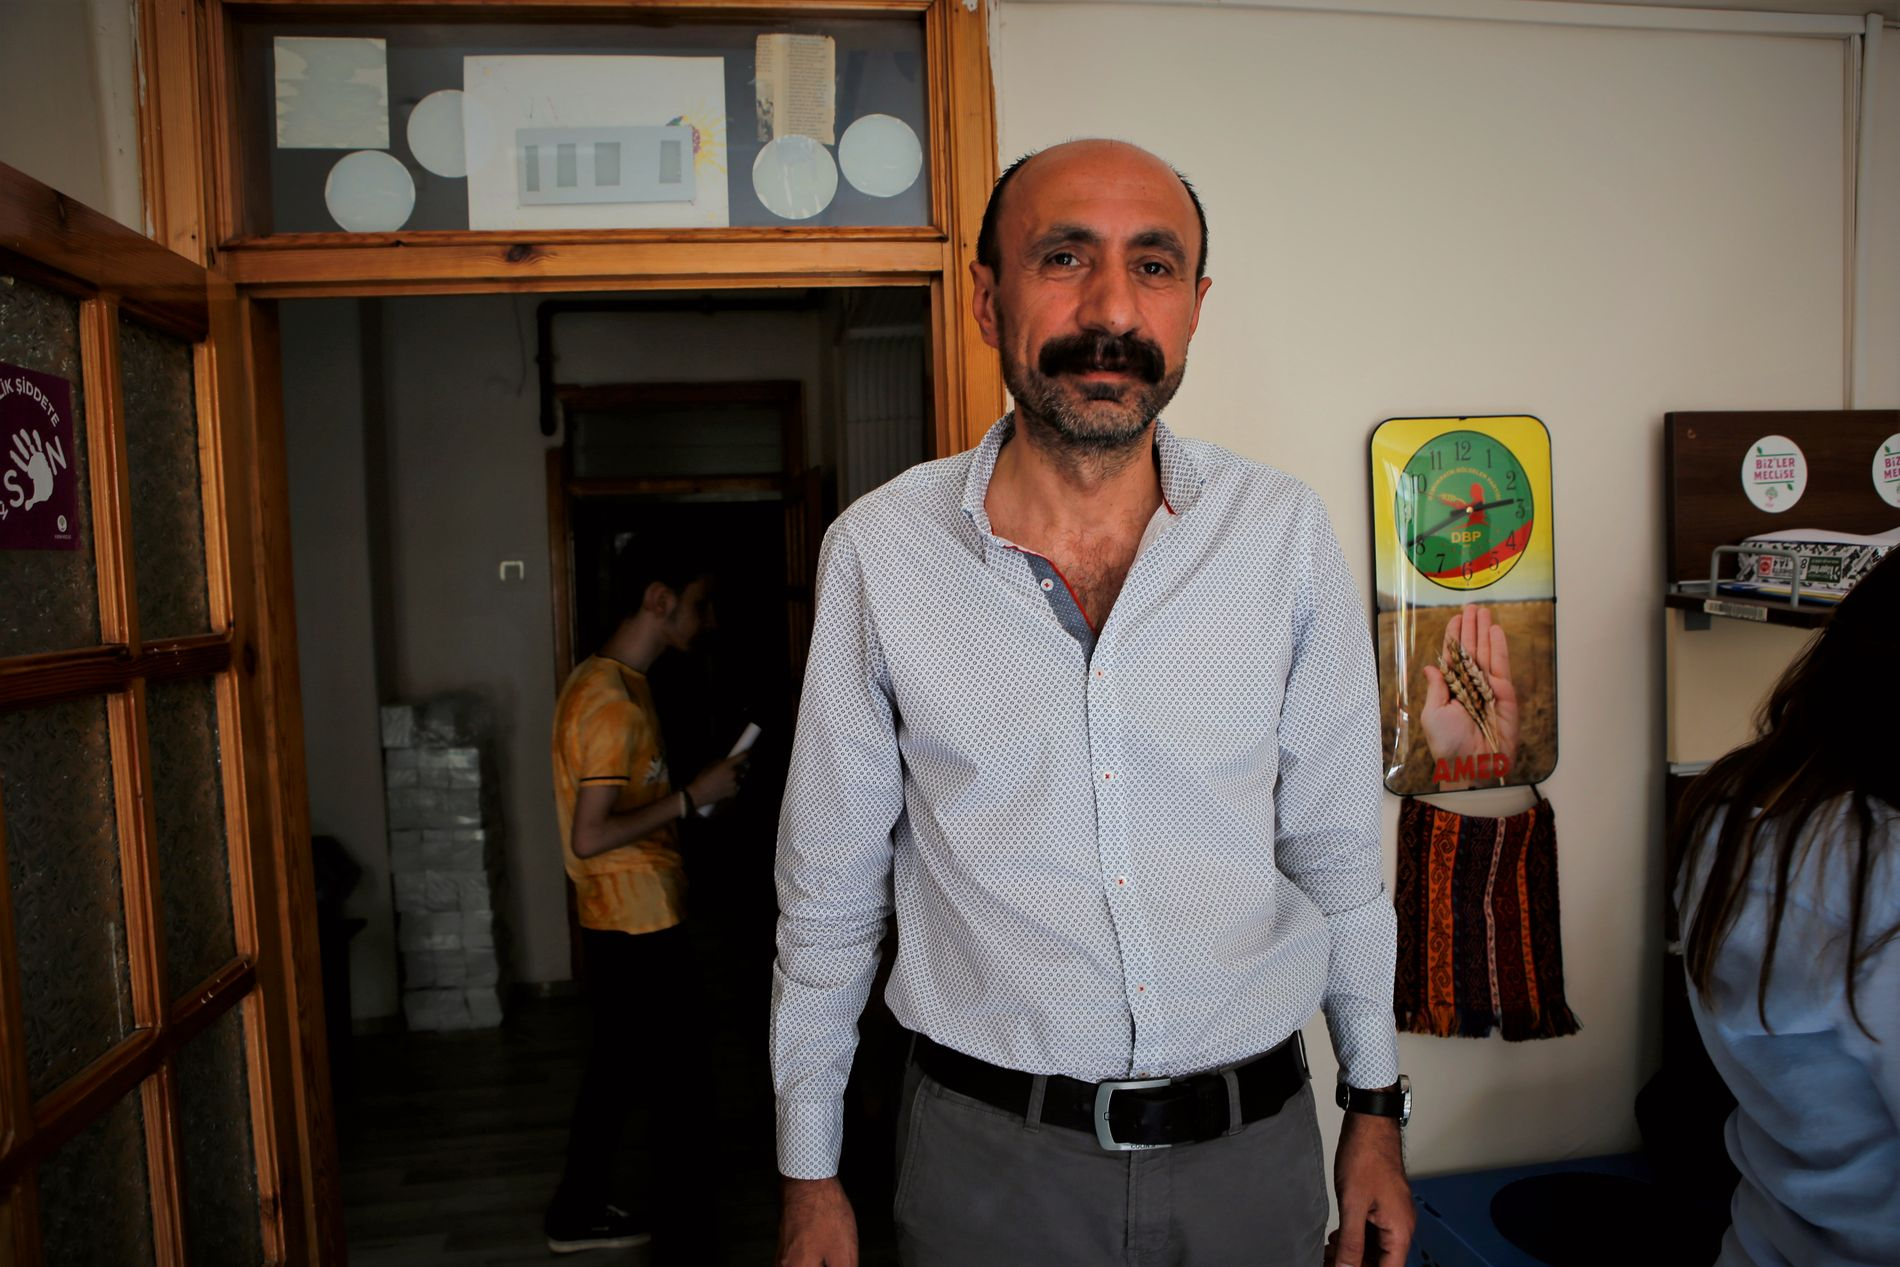 ADVOKAT OG POLITIKER: Advokaten Mehmet Selim Kurbanoglu (48) var bydelsborgermester i Yenisehir i Diyarbakir for 220.000 innbyggere siden 2009. Han er fortsatt under terrortiltale og suspendert fra jobben.